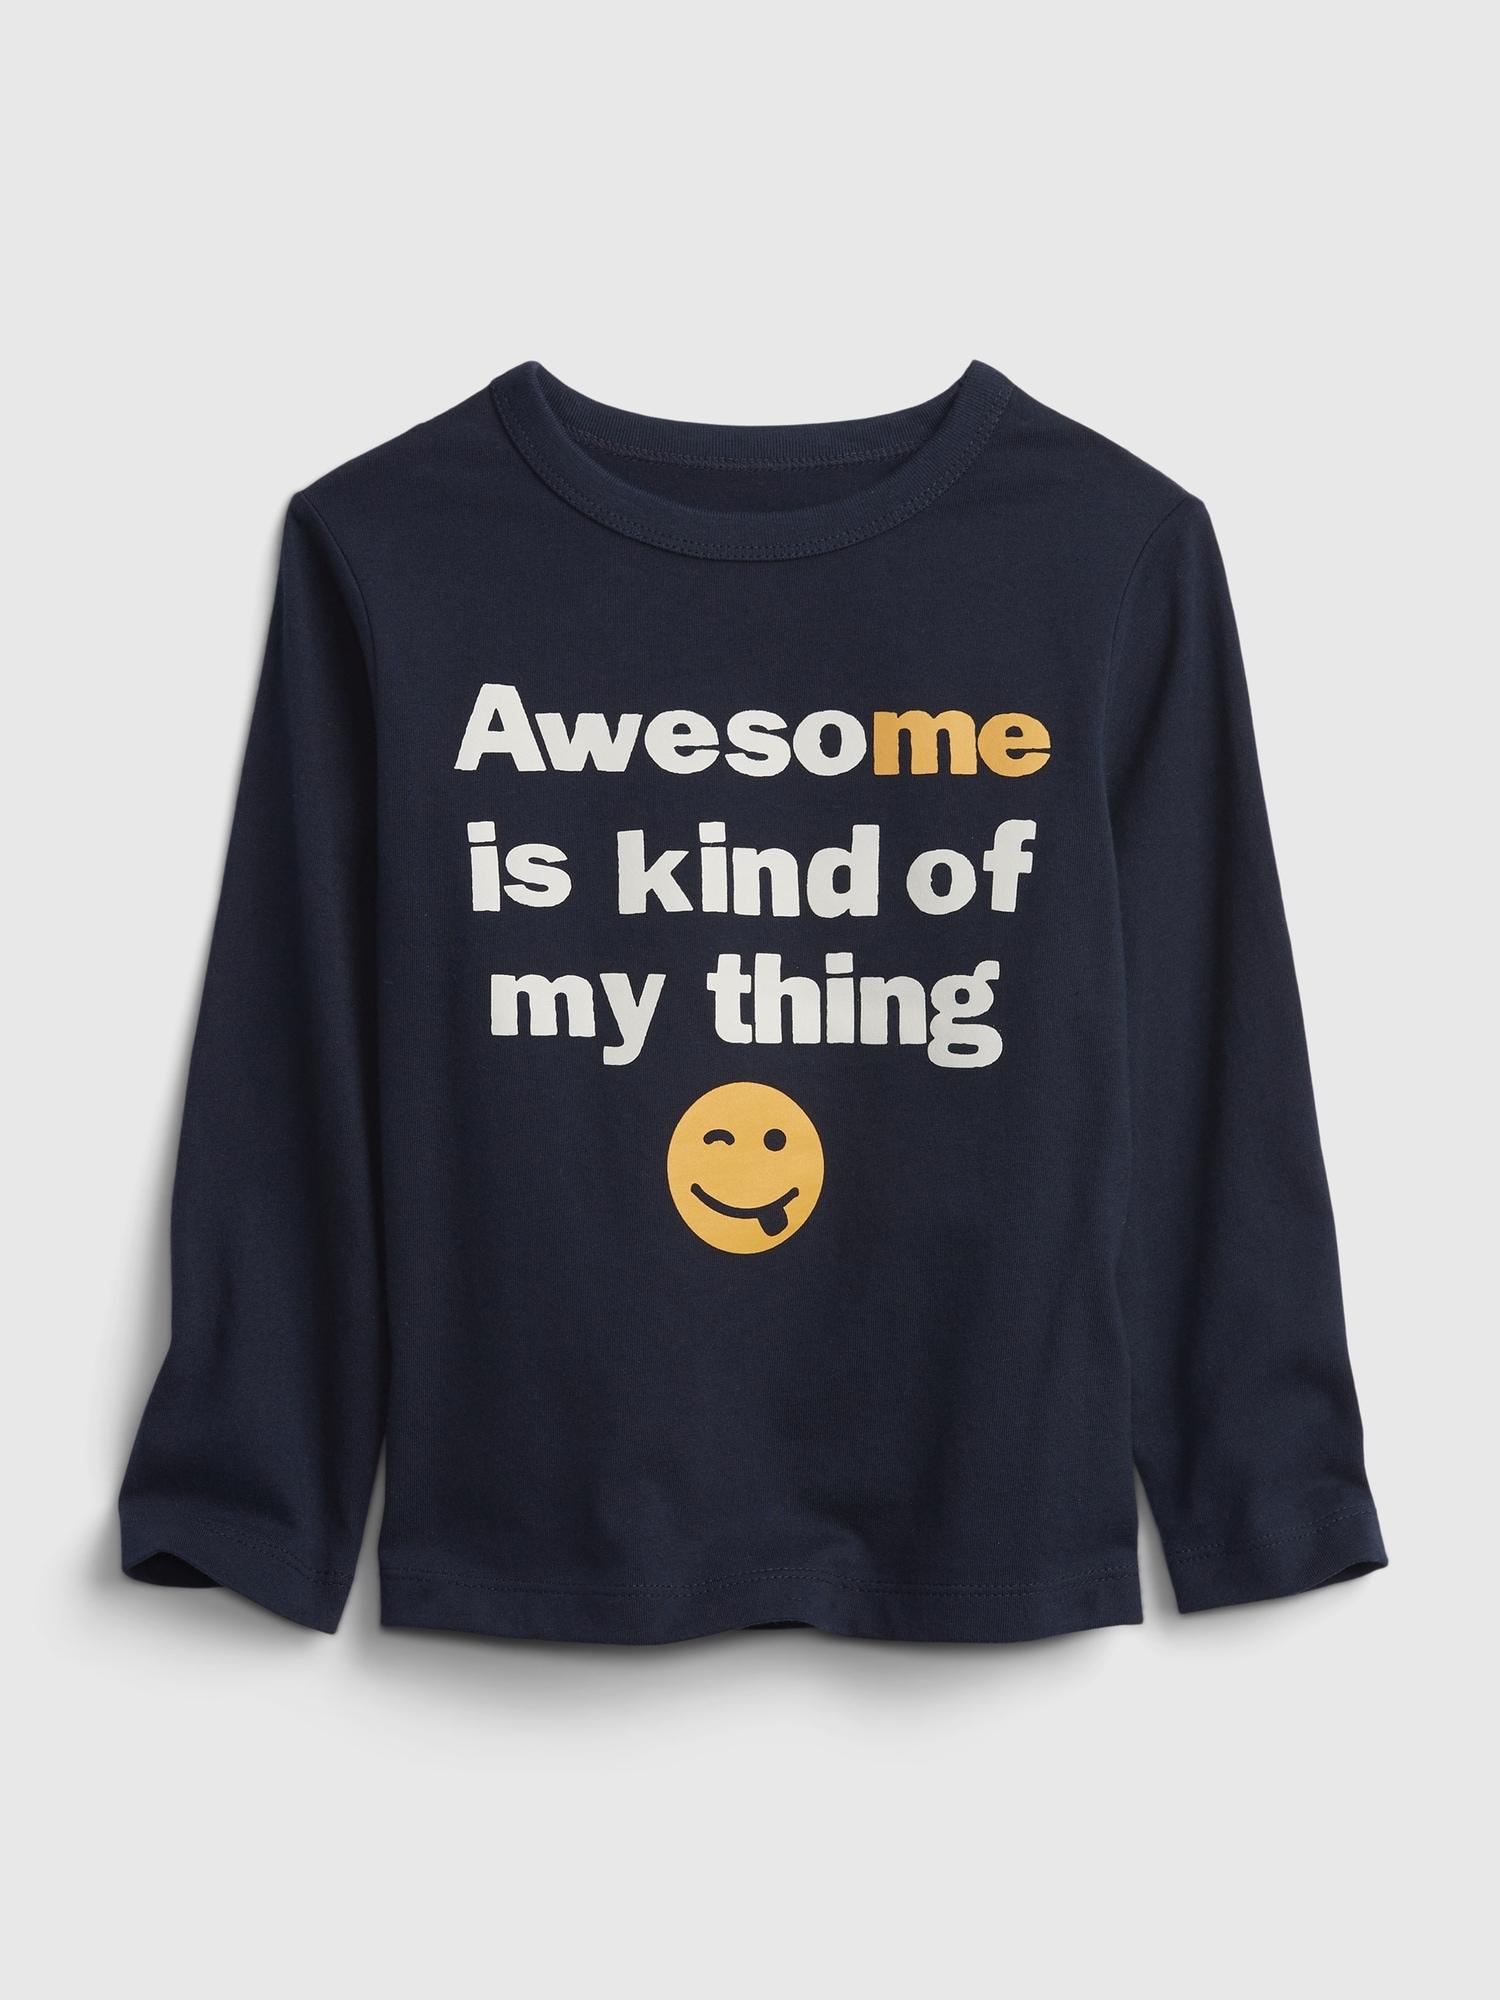 オーガニックコットン100% ブラナン プレイタイムフェイバリット グラフィックtシャツ (幼児)